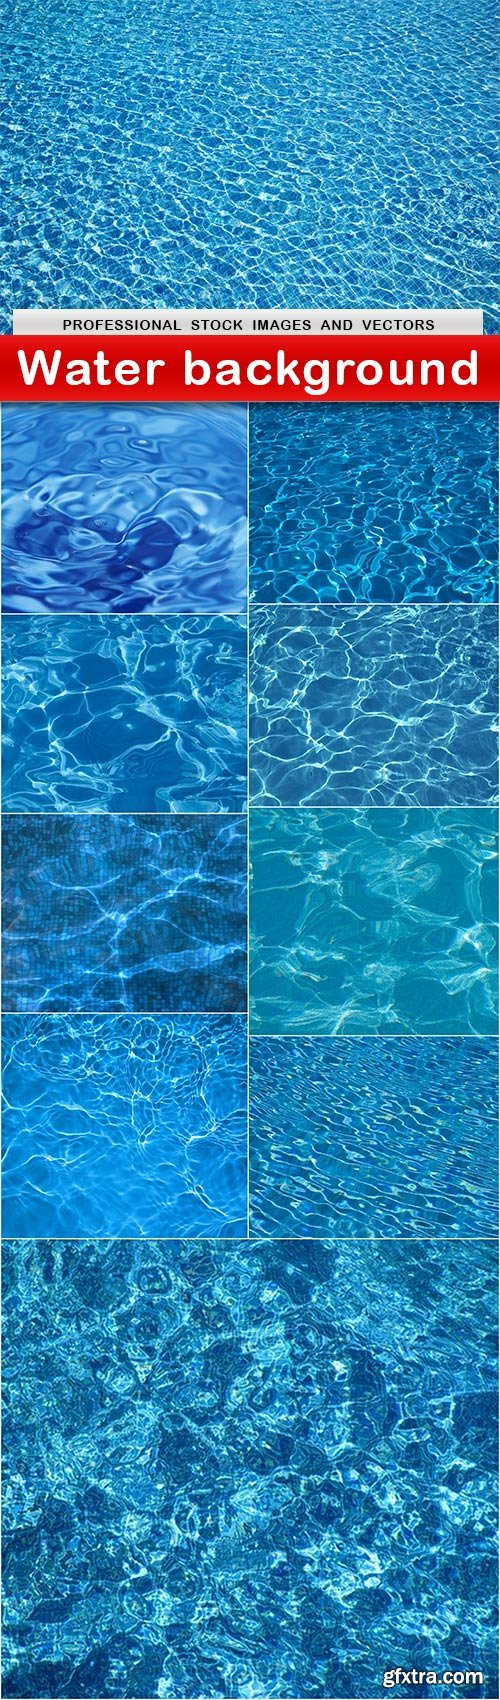 Water background - 10 UHQ JPEG